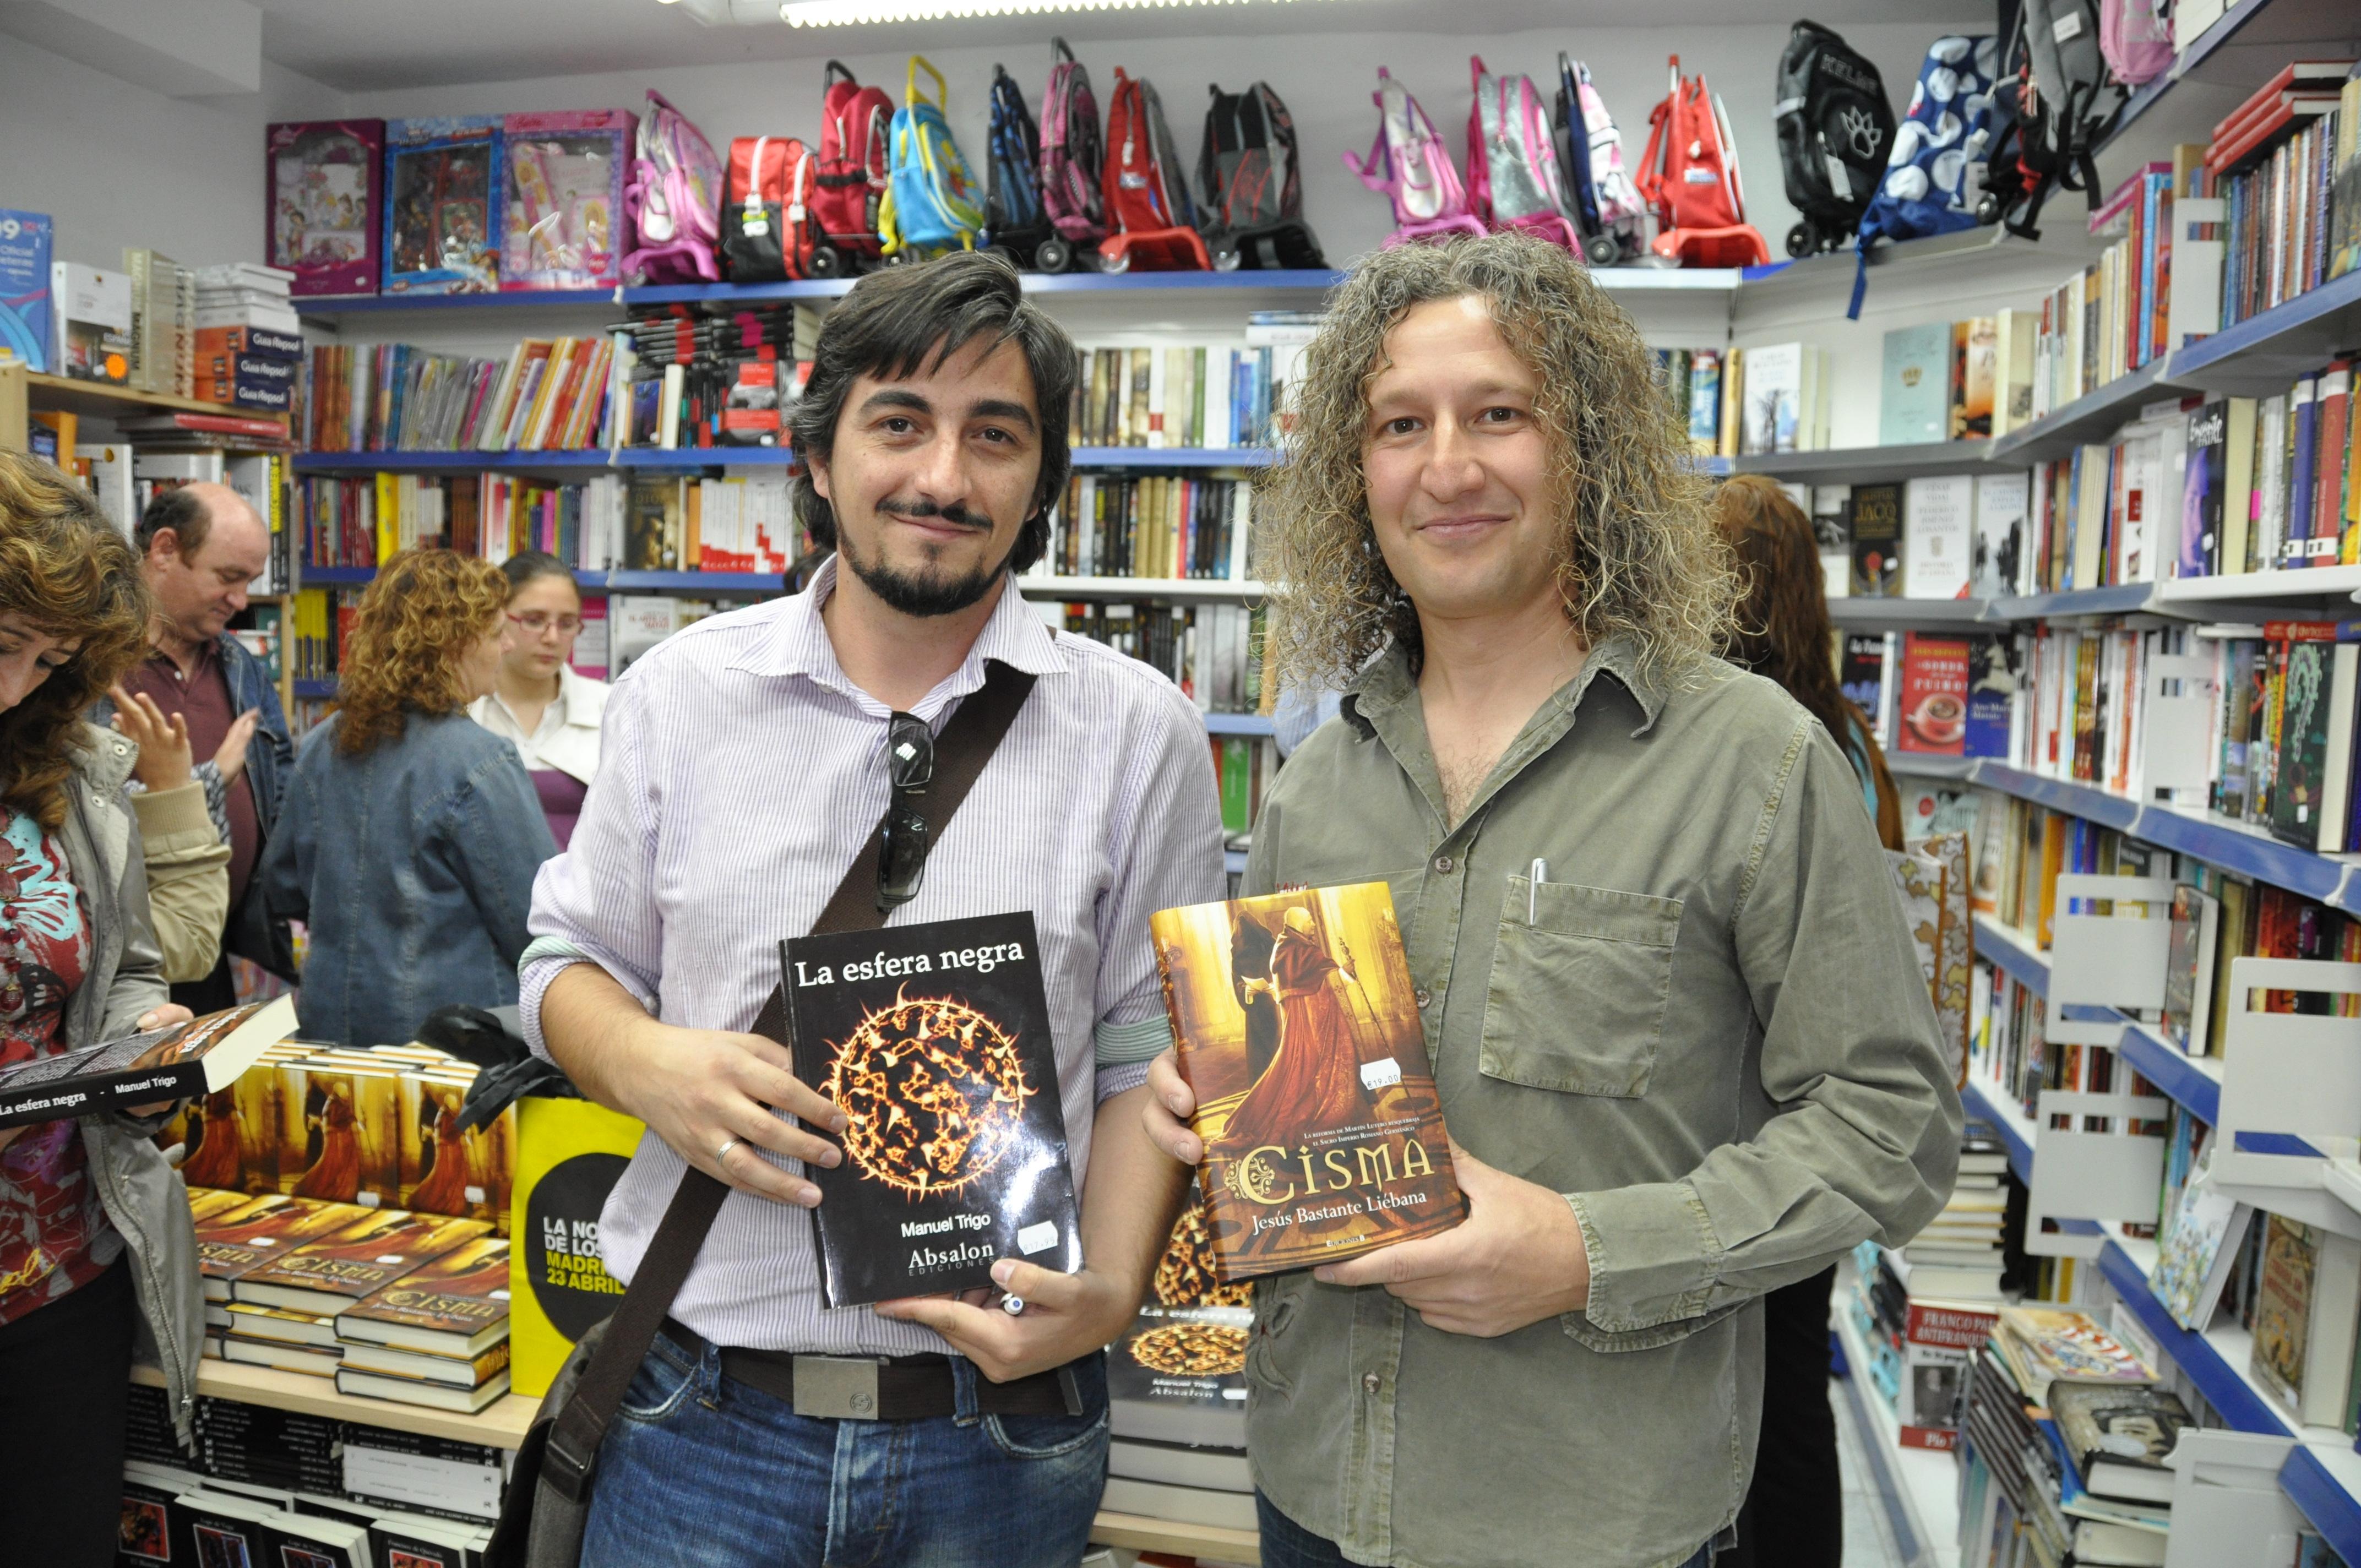 Intercambio de novelas entre los autores invitados (Jesús Bastante Liébana, con La esfera negra, y Manuel Trigo, con Cisma).